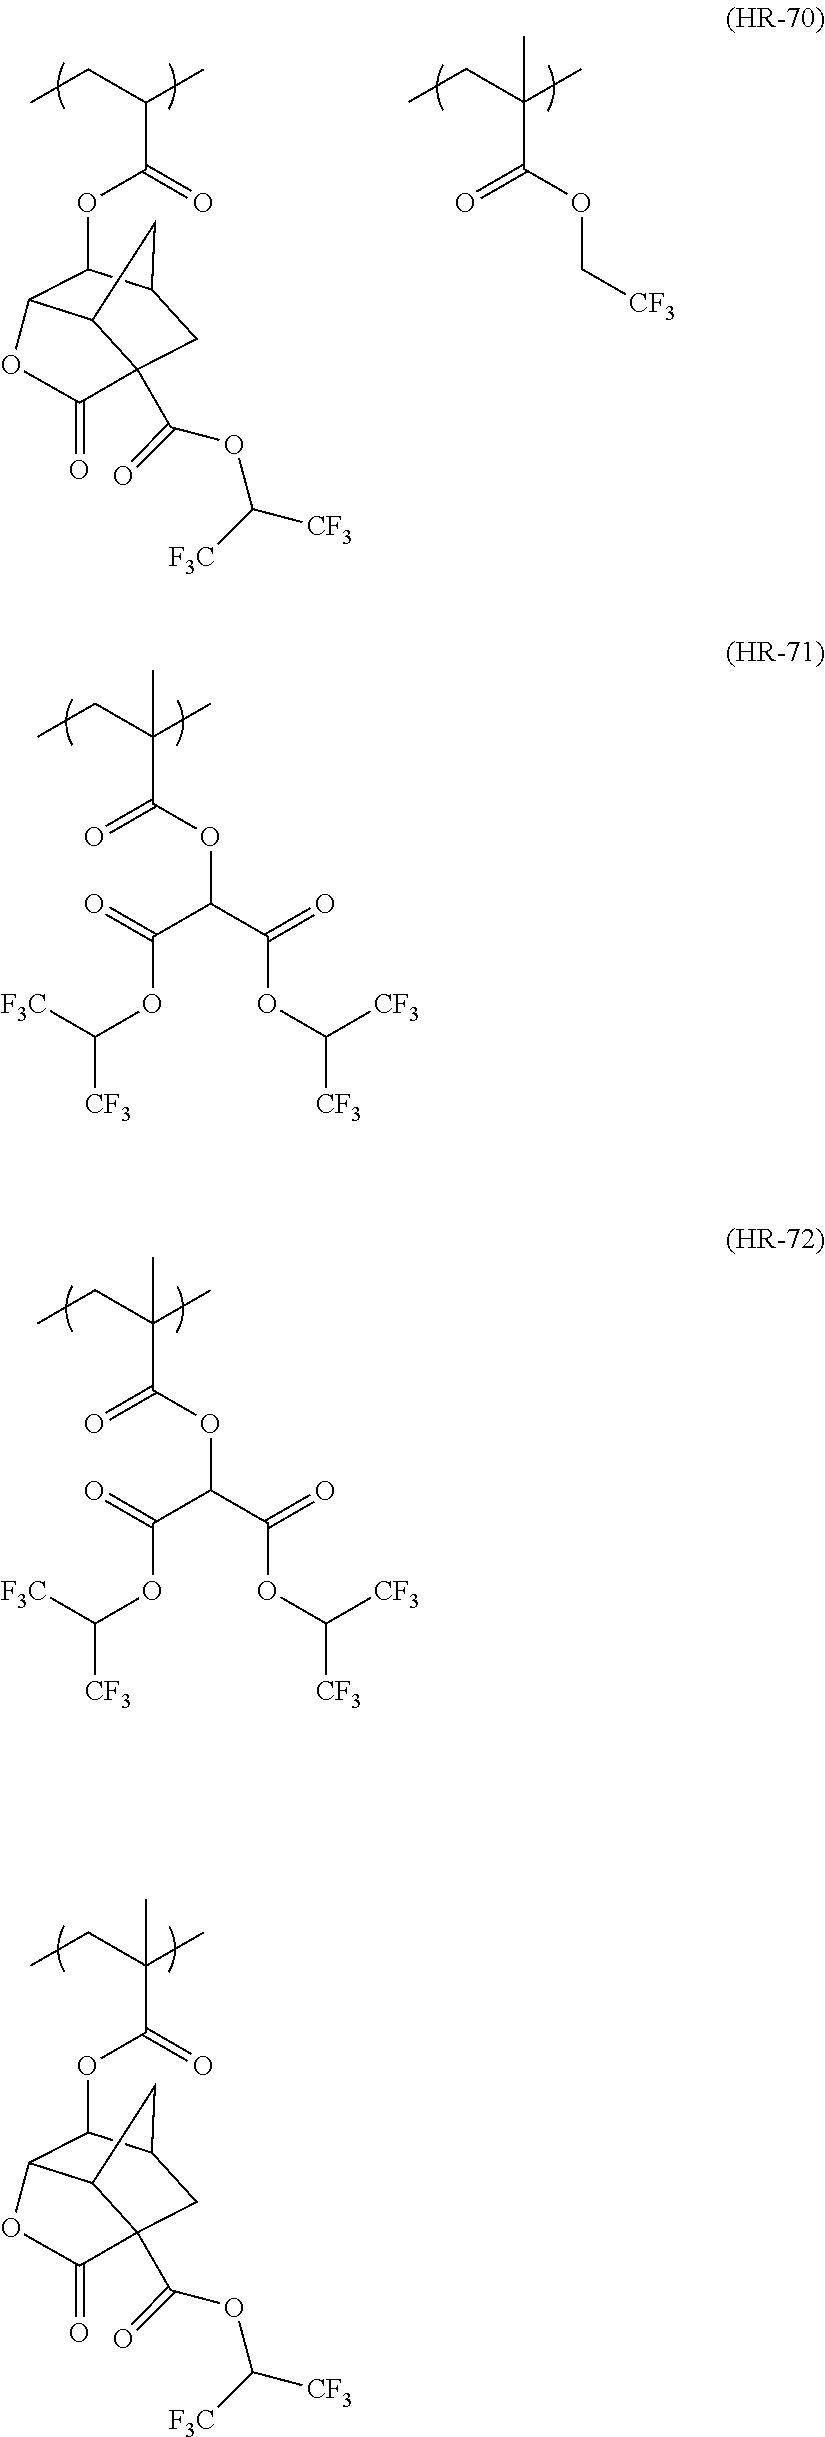 Figure US08404427-20130326-C00167